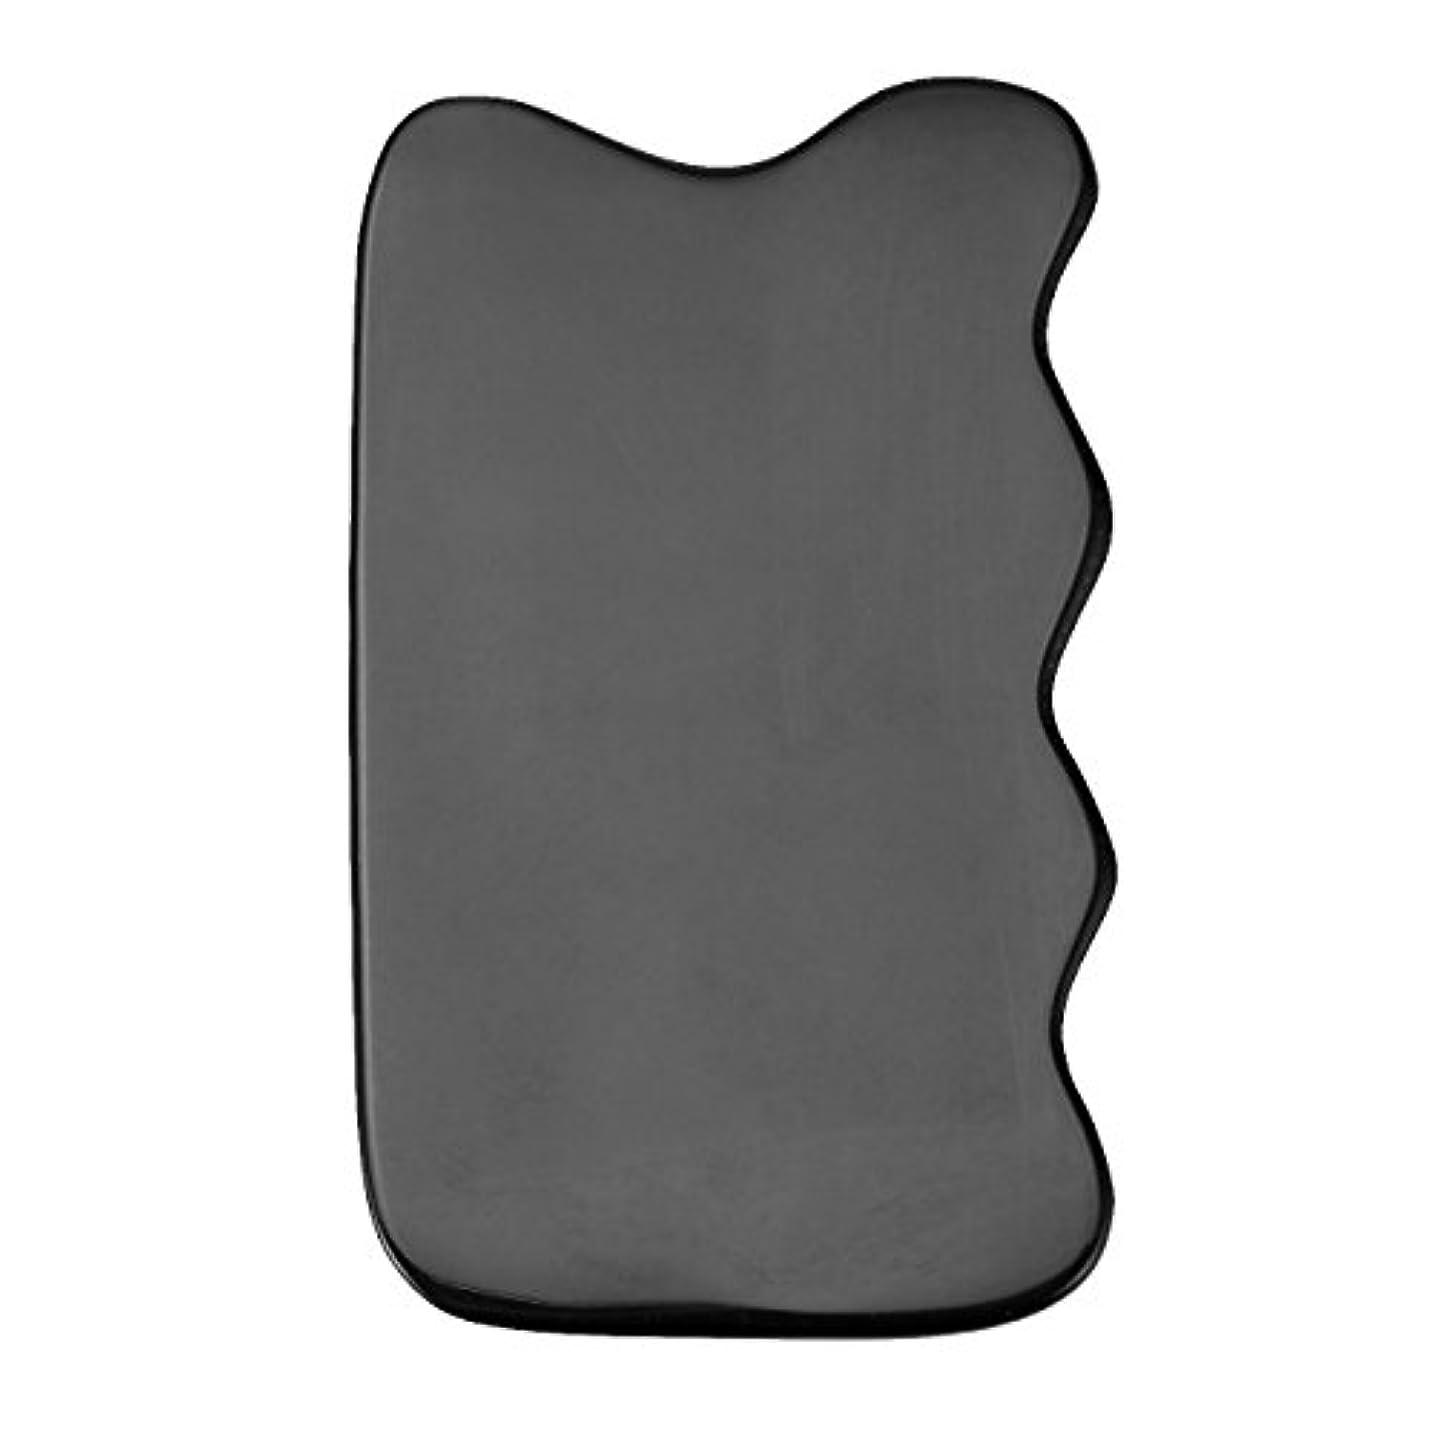 運動するウェイド足枷Jovivi Mak カッサリフトプレート ブラック 牛角 パワーストーン カッサ板 美顔 カッサボード カッサマッサージ道具 ギフトバッグを提供 (波状)